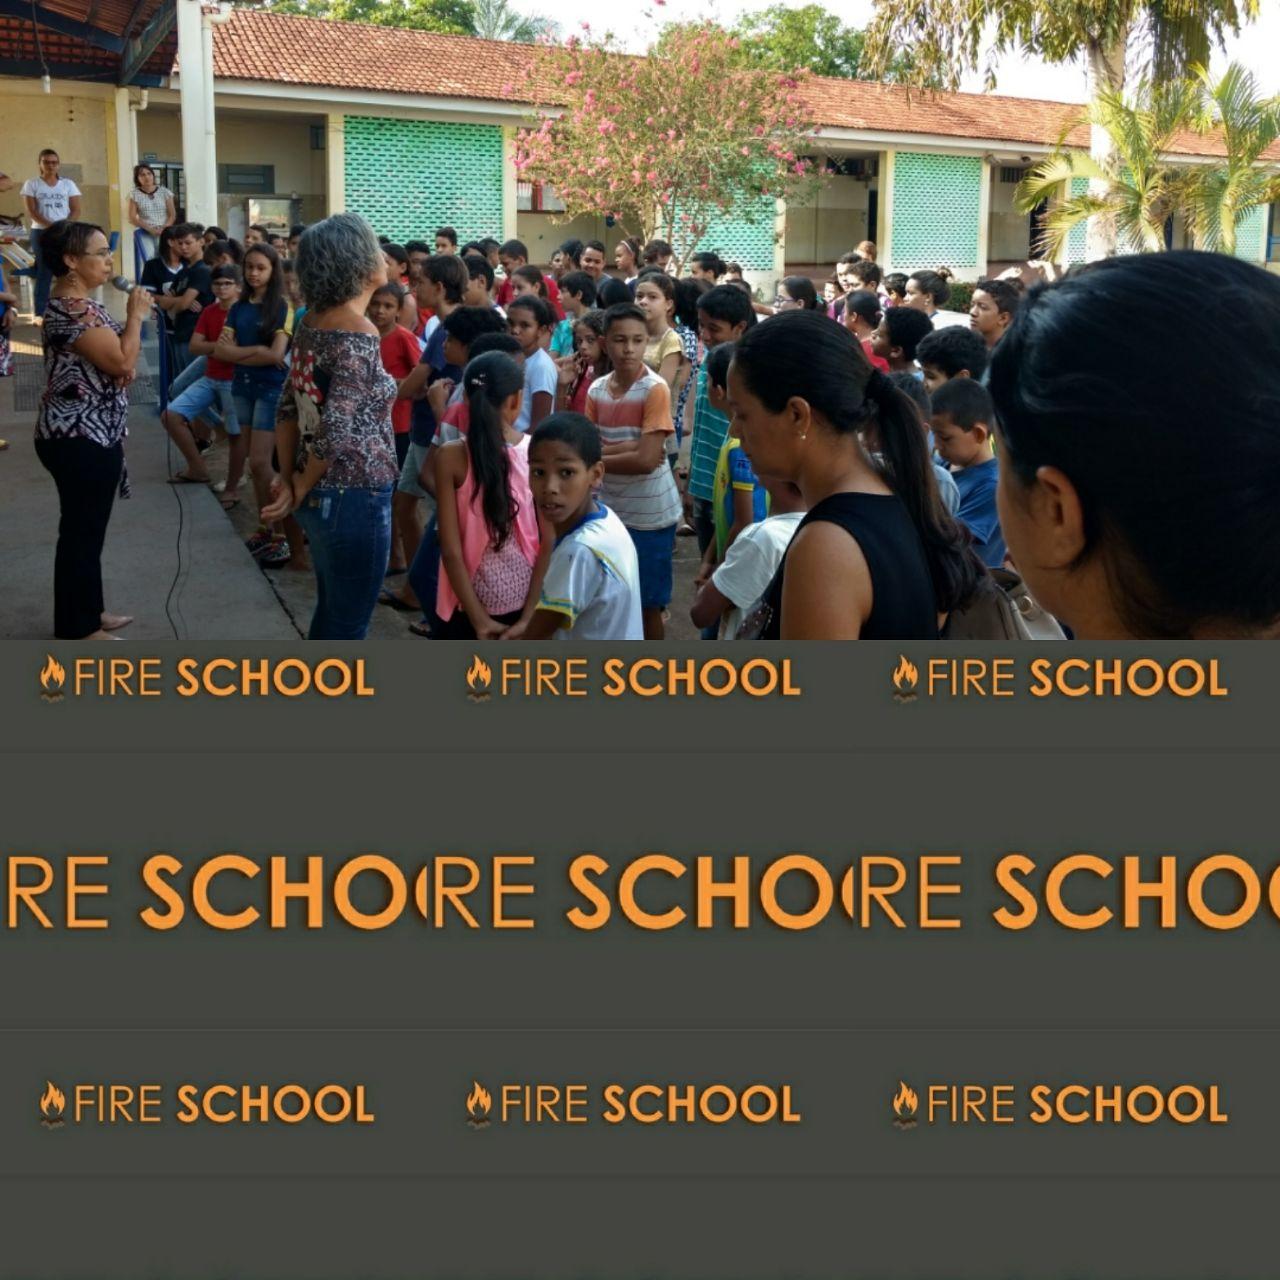 Conheça o Fire School, projeto evangelístico desenvolvido em Paraíso do Tocantins